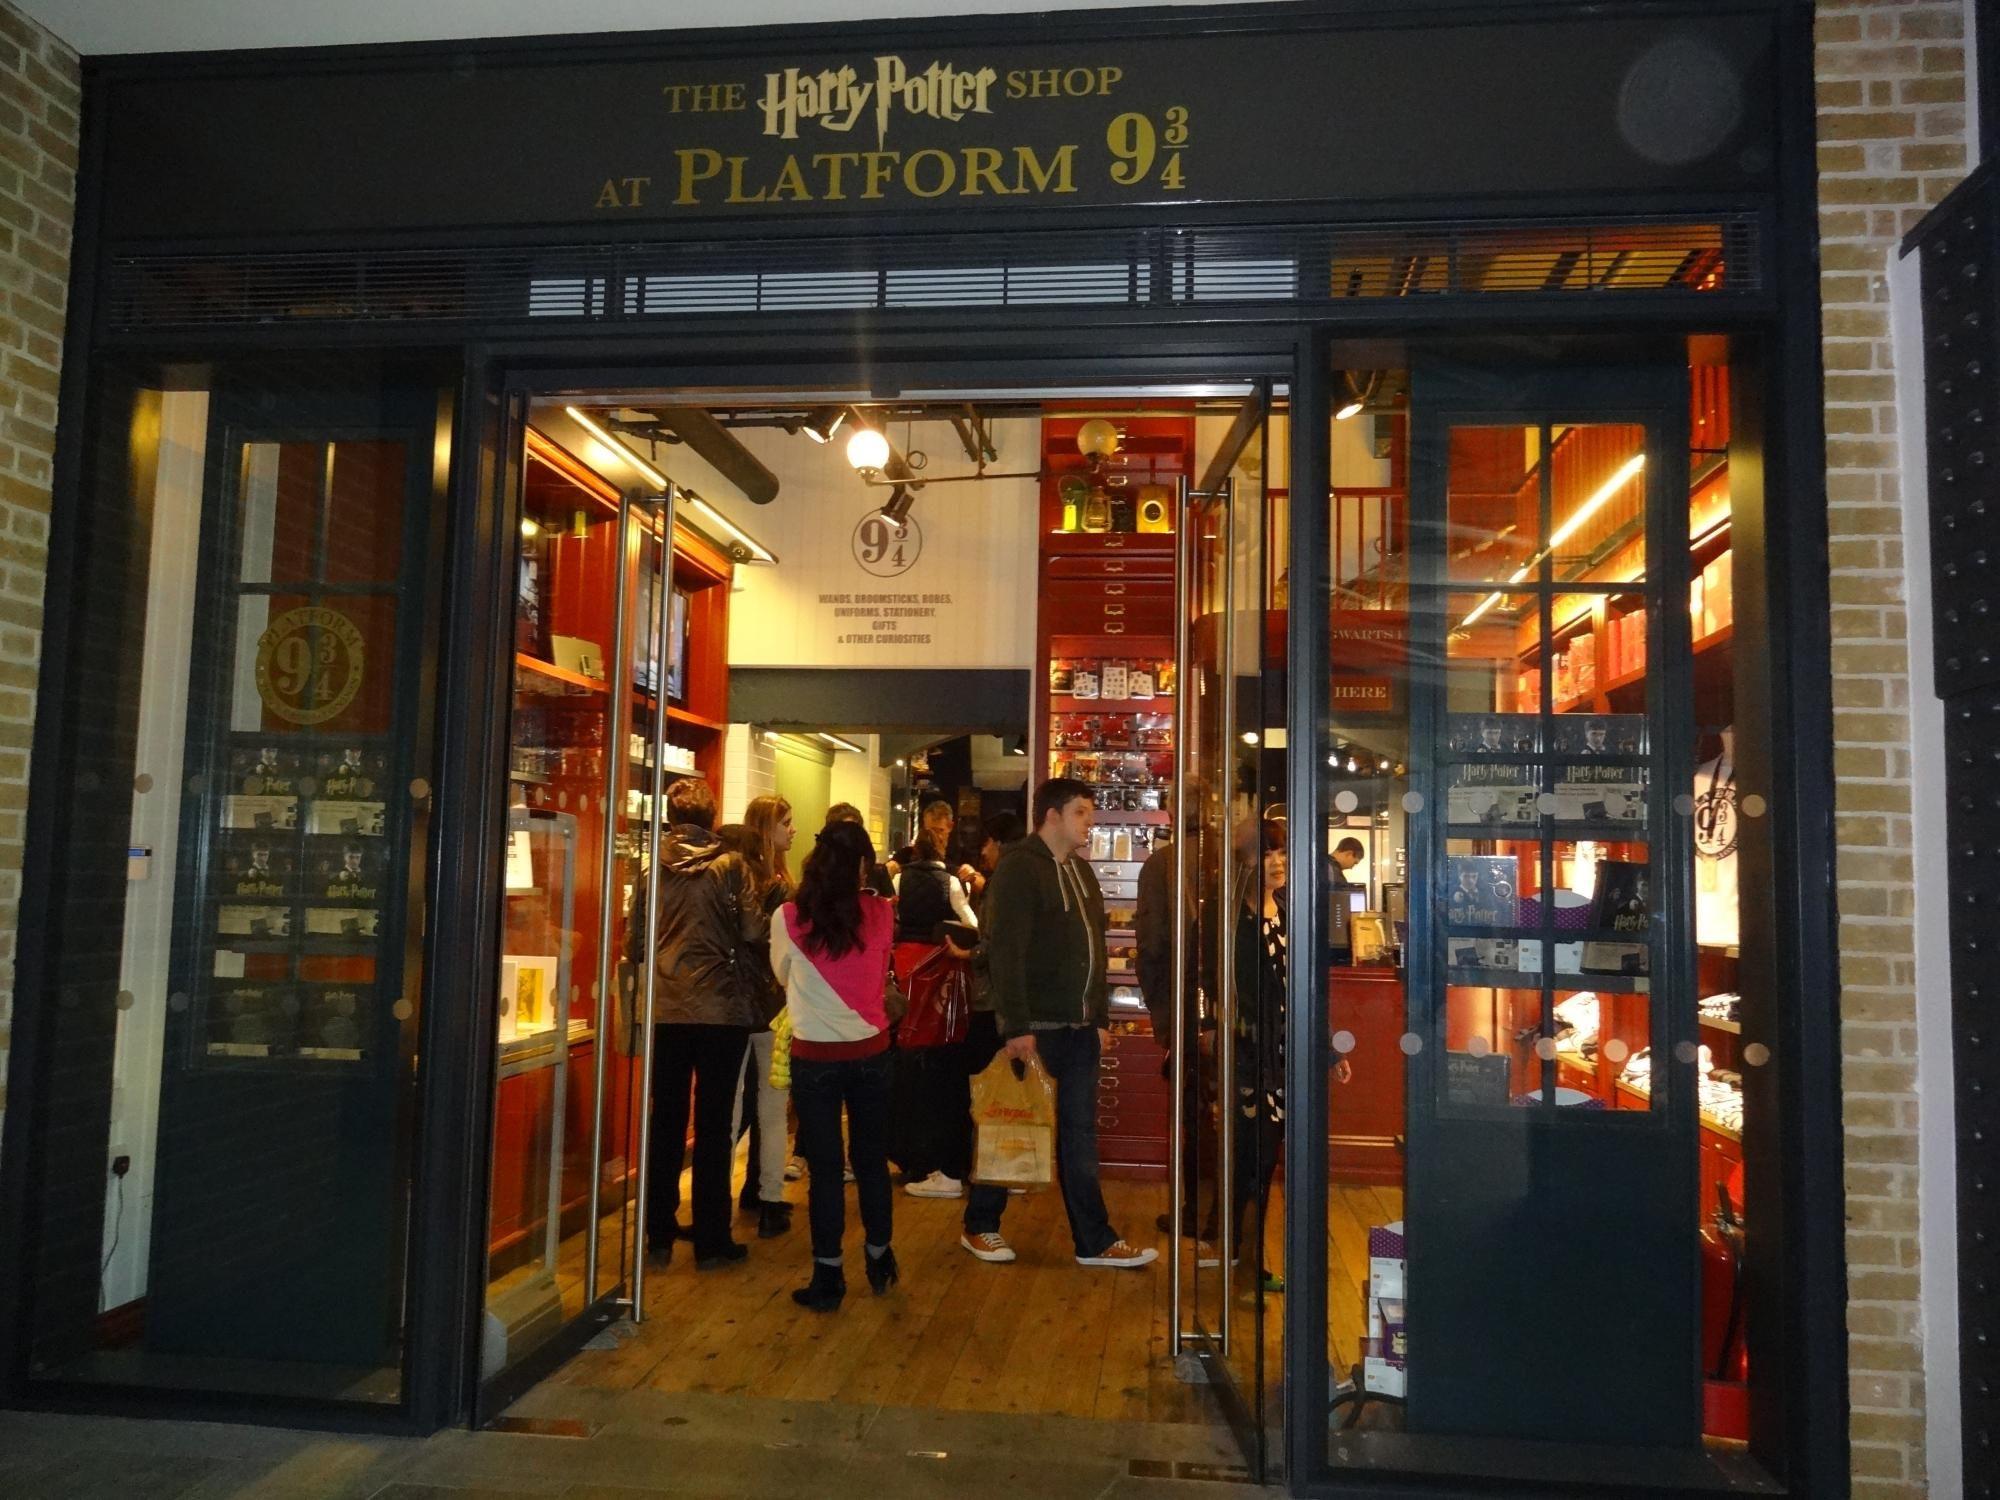 Harry Potter Shop At Platform 9 3 4 London England Harry Potter Locations Harry Potter London London Tours